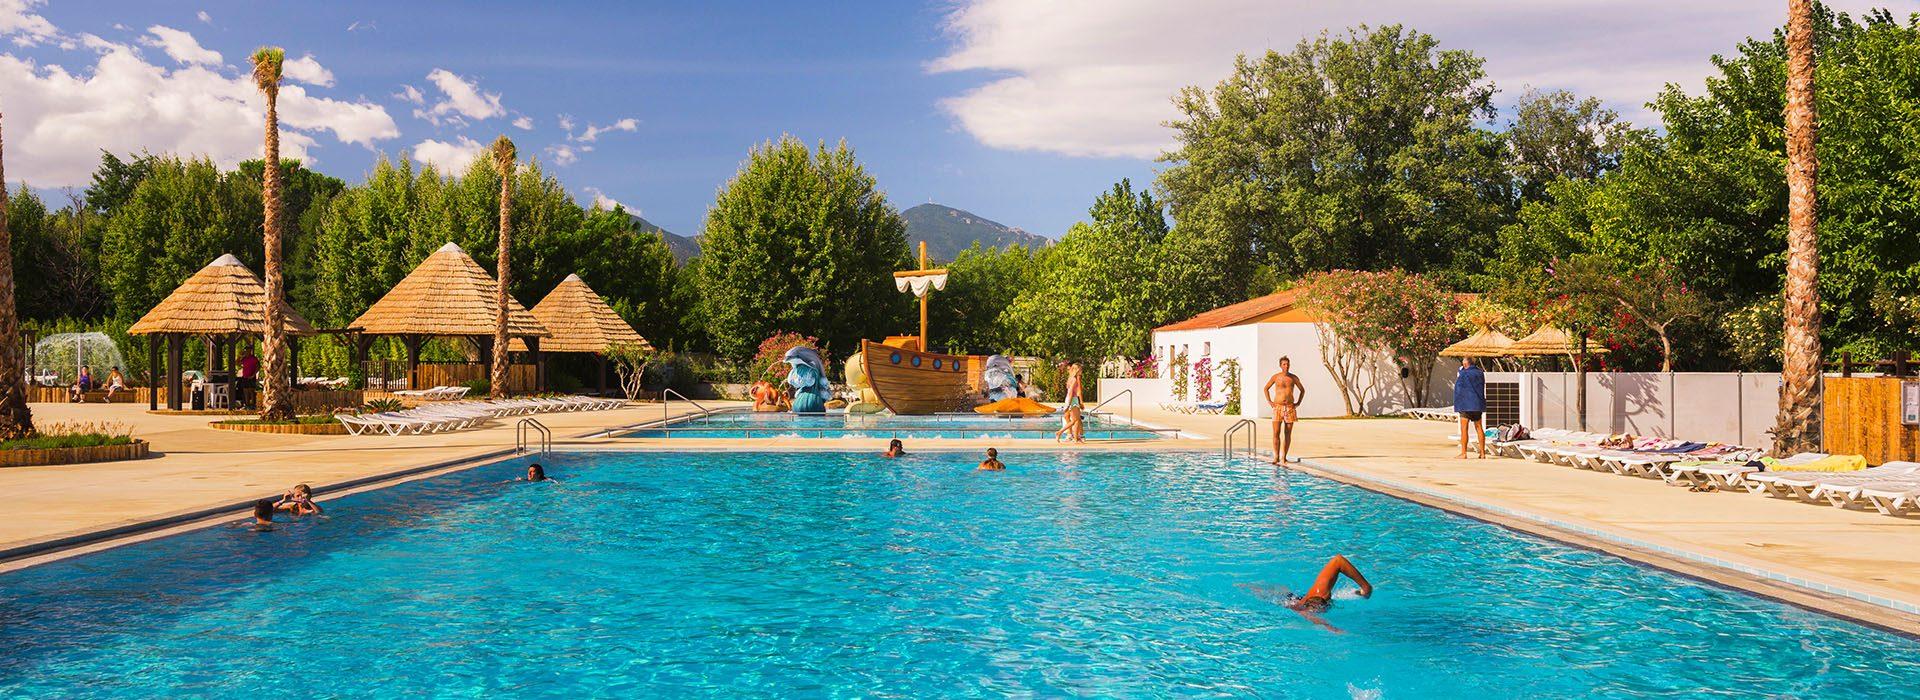 Votre camping avec piscines chauffées 1